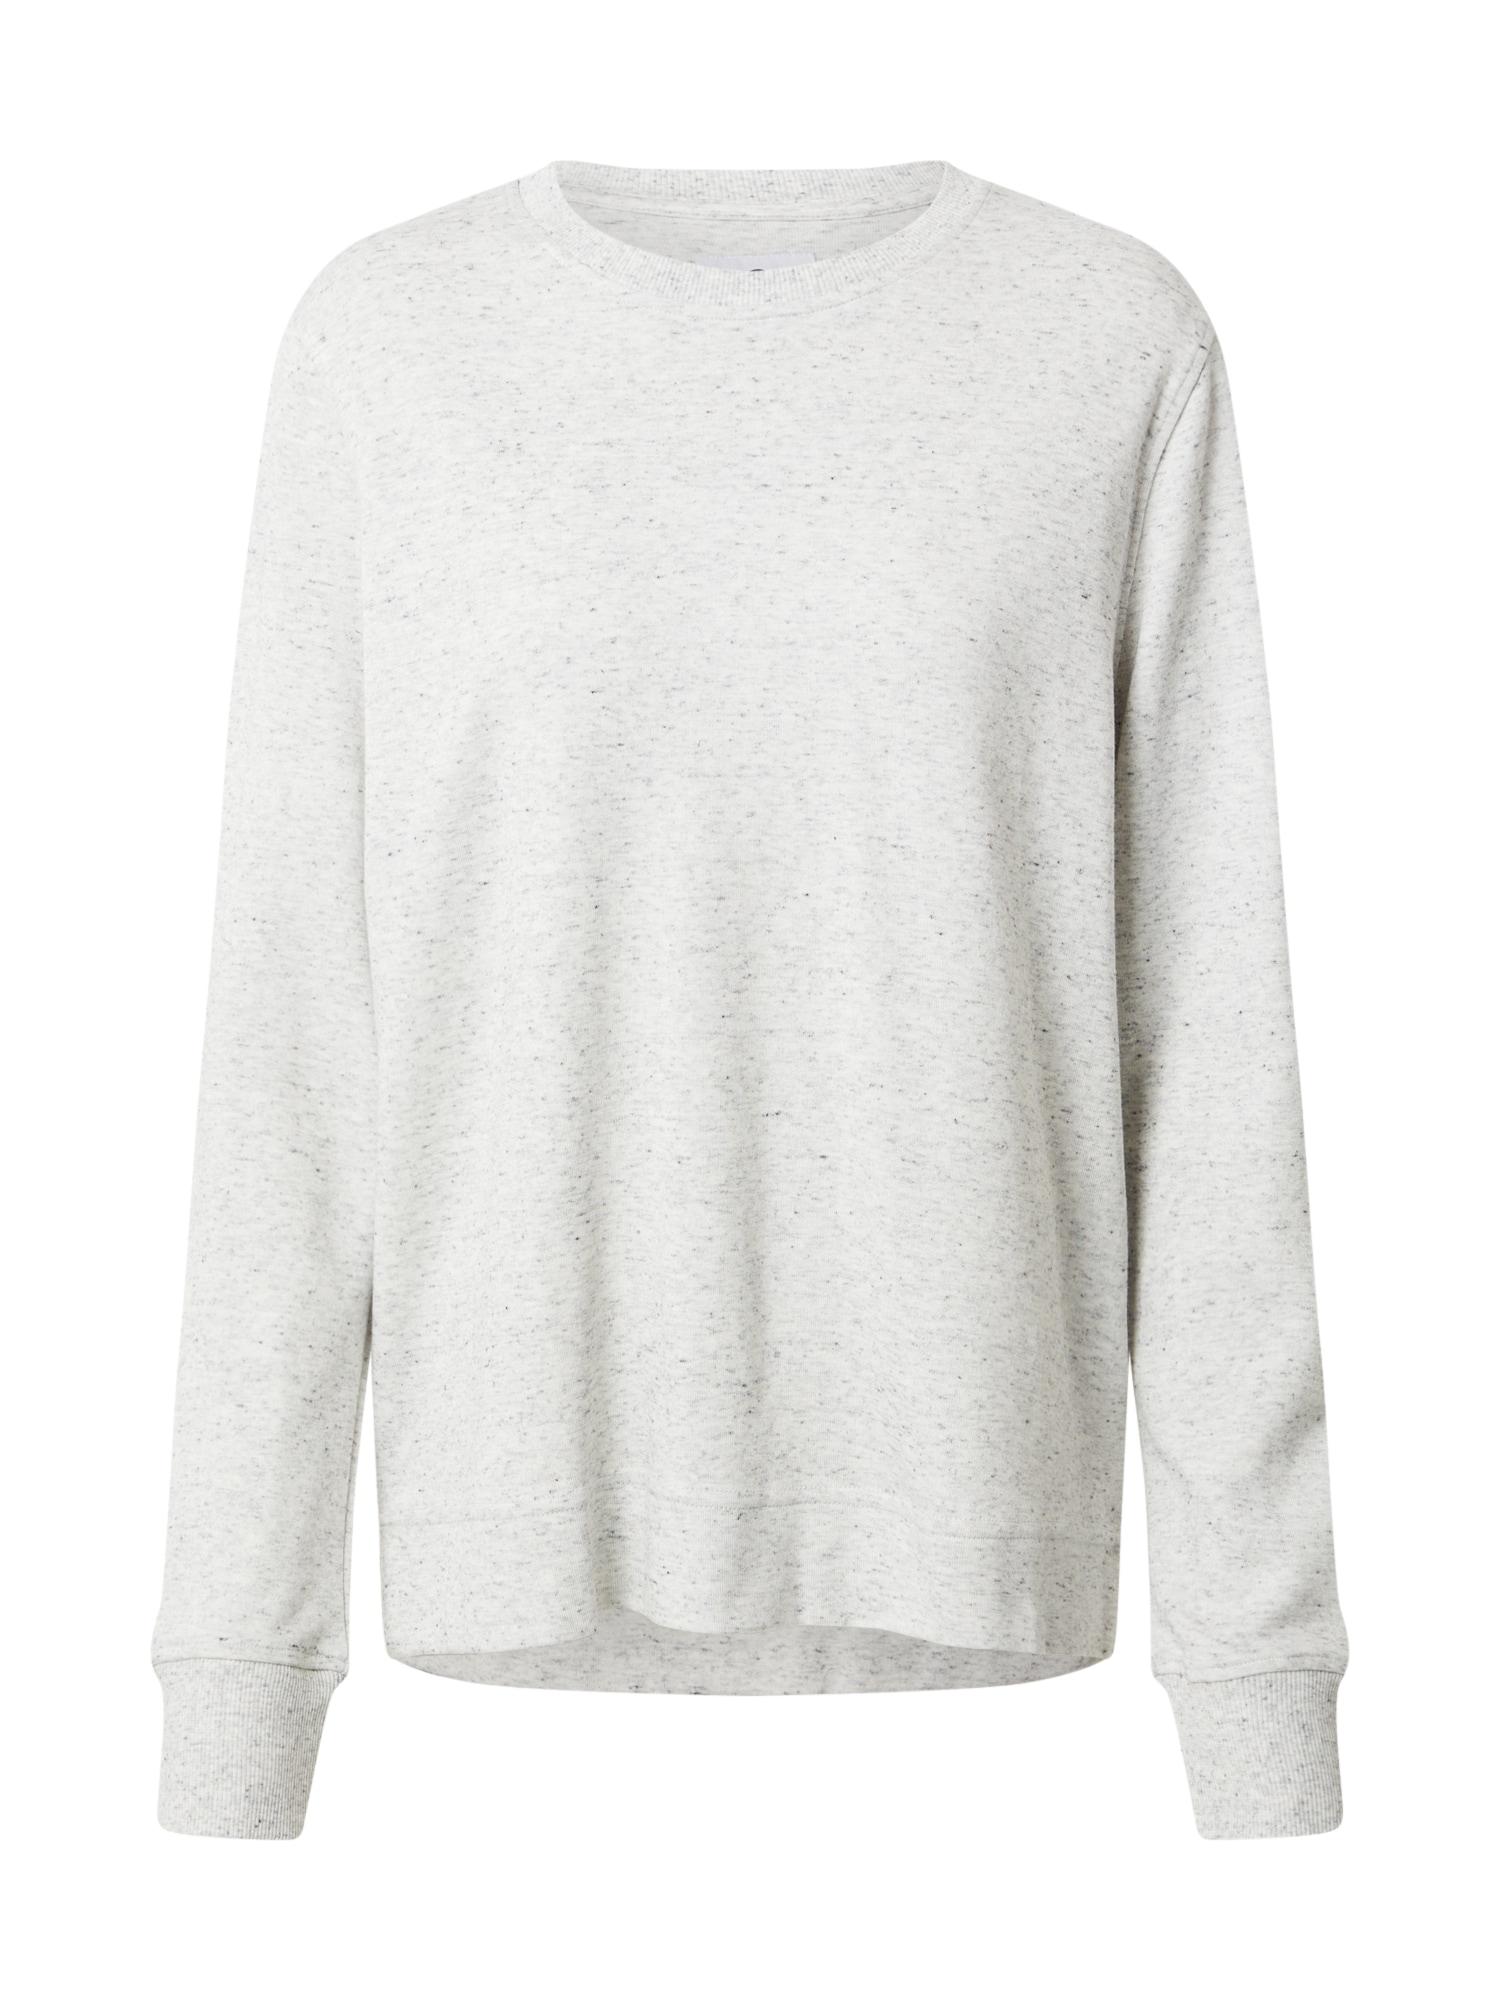 JBS OF DENMARK Pižaminiai marškinėliai šviesiai pilka